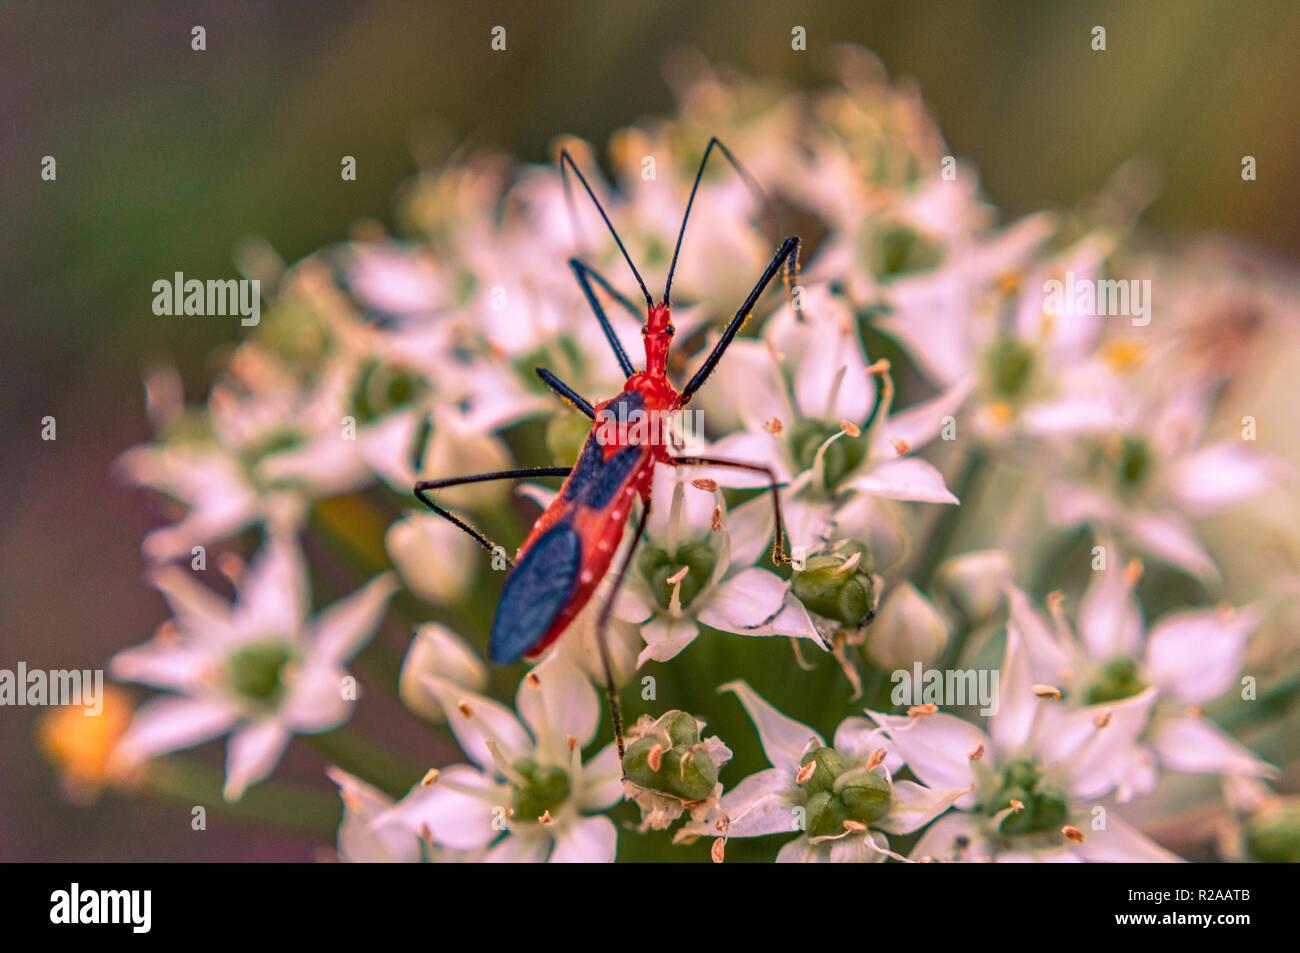 Wheel bug on white flower - Stock Image